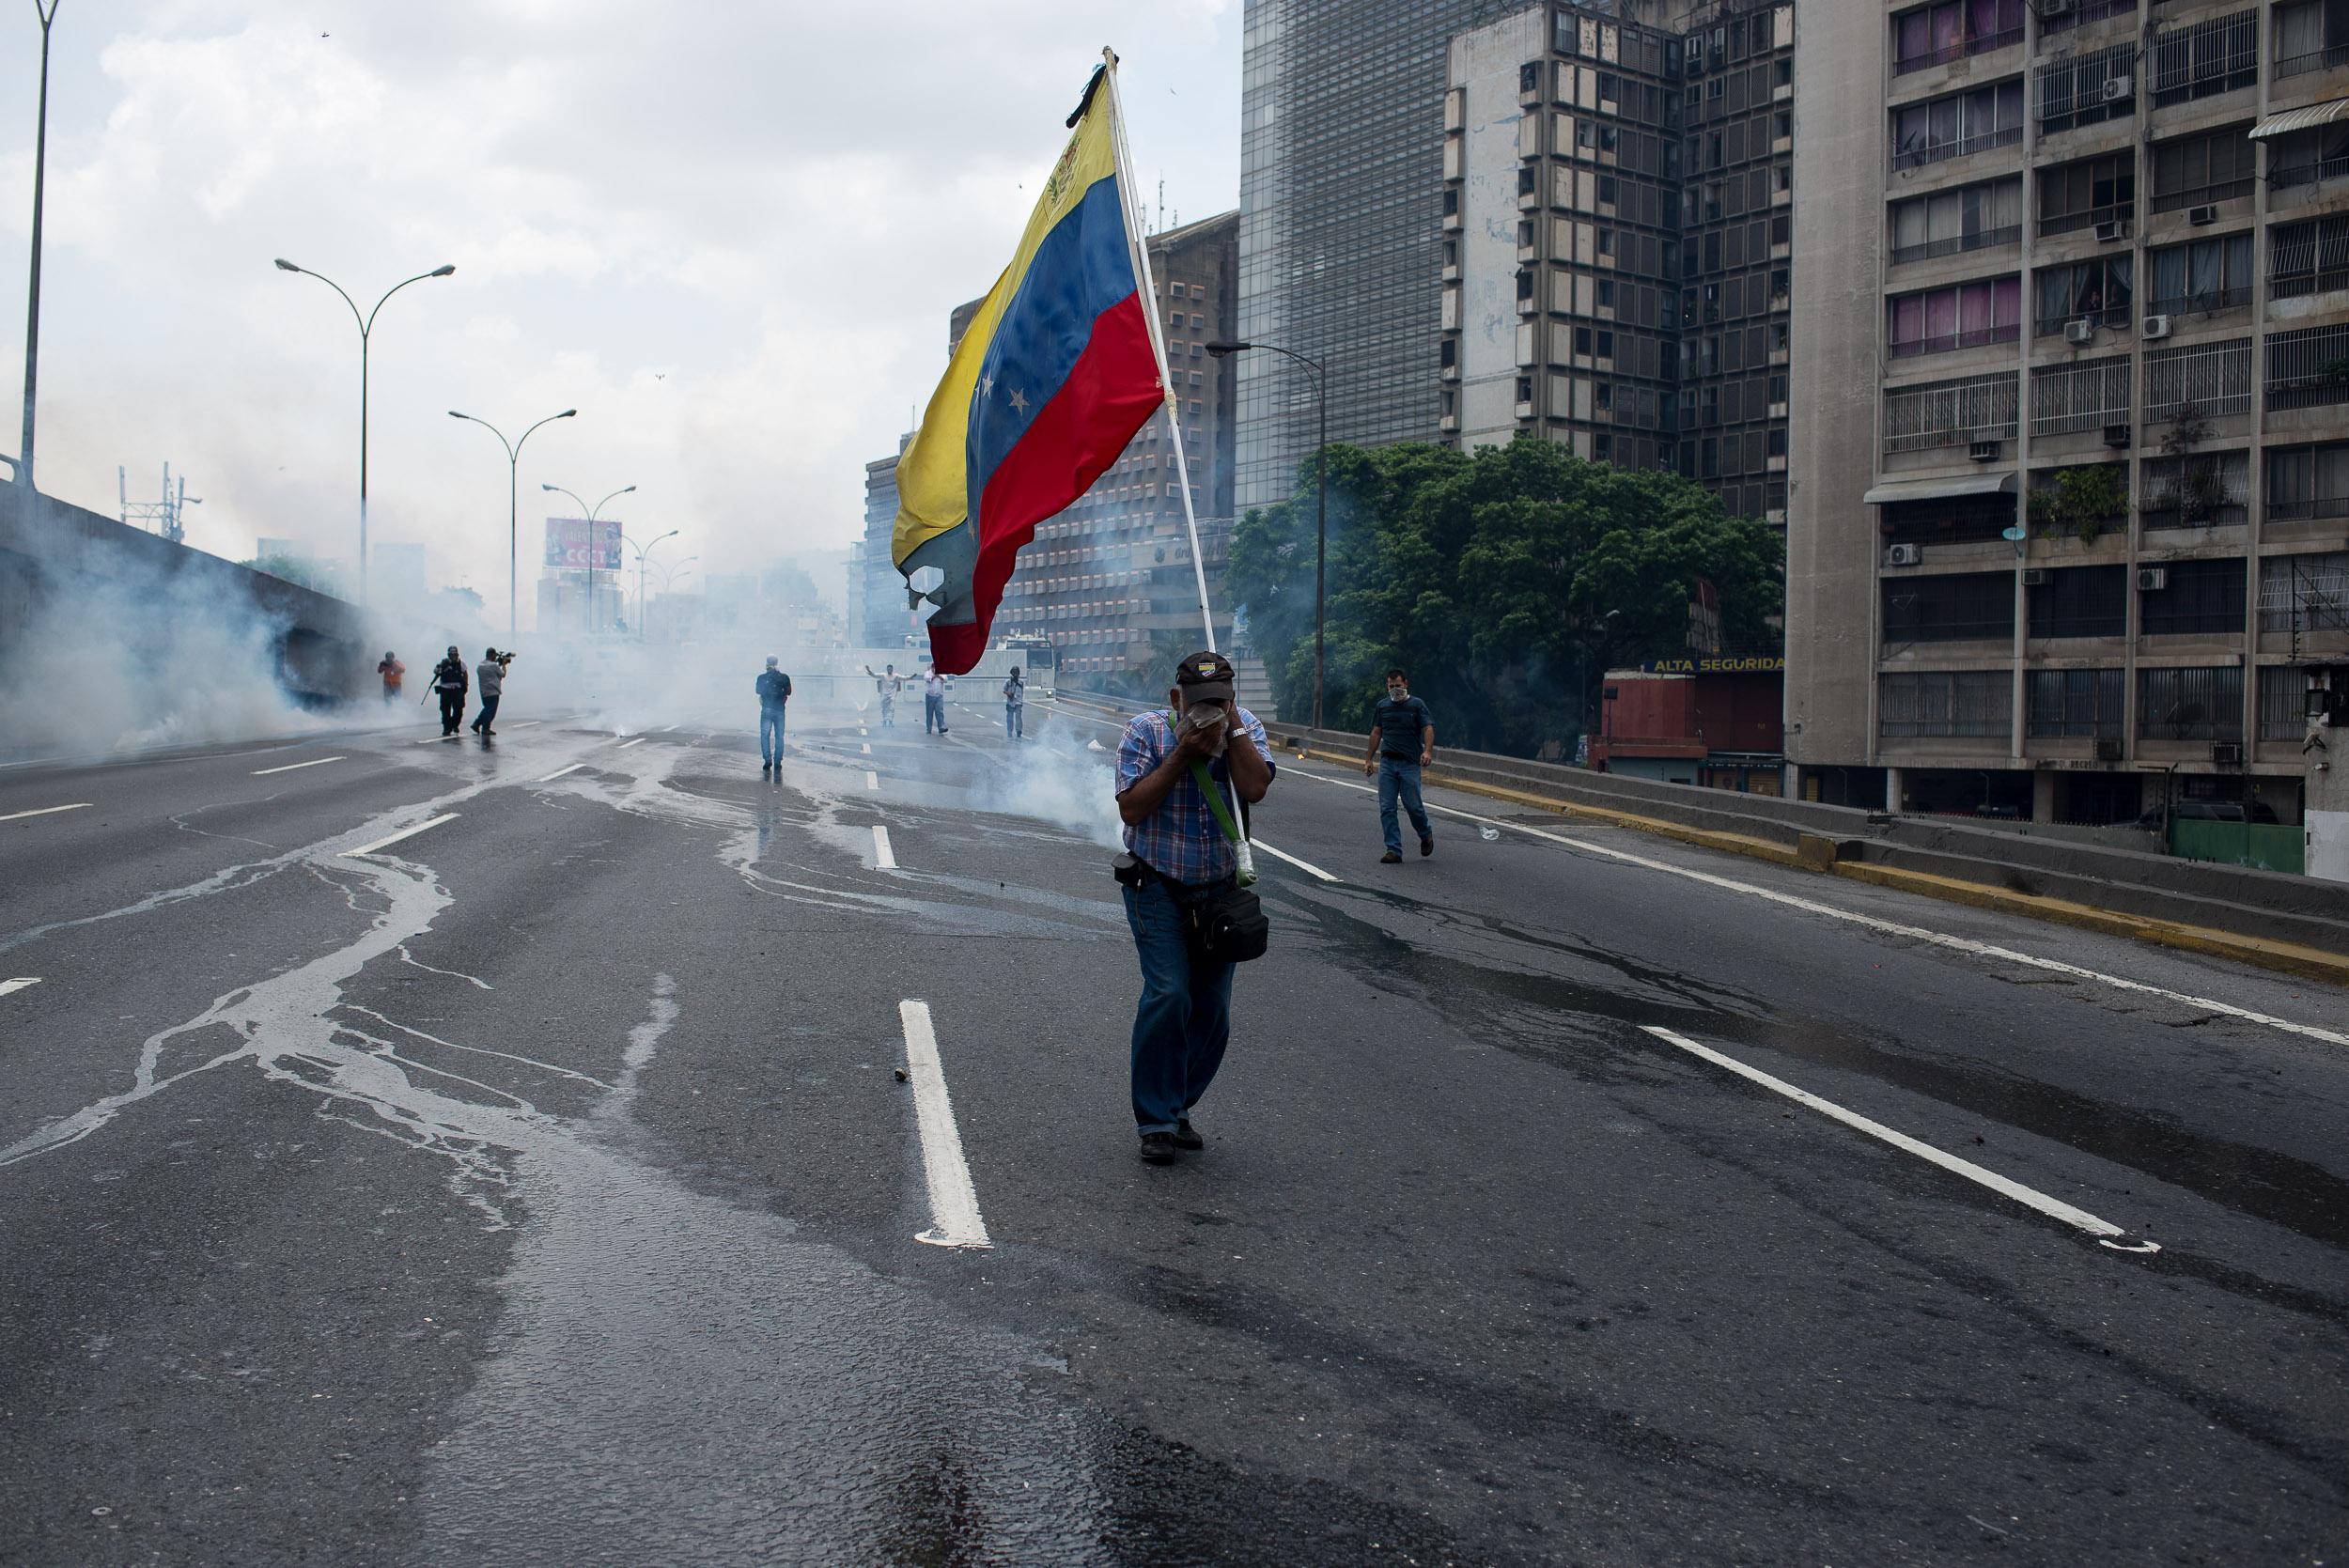 CAR002. CARACAS (VENEZUELA), 19/04/2017.- un grupo de personas se cubre del gas lacrimógeno durante una manifestación opositora que intentaba llegar a la Defensoría del Pueblo hoy, miércoles 19 de abril de 2017, en Caracas (Venezuela.). La policía disolvió hoy con gases lacrimógenos una de las marchas opositoras en el centro de Caracas que pretendía llegar a la sede de la Defensoría del Pueblo, mientras que desde otra de las concentraciones antichavistas en esa zona de la ciudad se reportó una persona muerta. Venezuela es escenario el día de hoy de marchas a favor y en contra del Gobierno a las que cada uno de los bandos ha convocado para medir fuerzas en la calle. EFE/Manaure Quintero